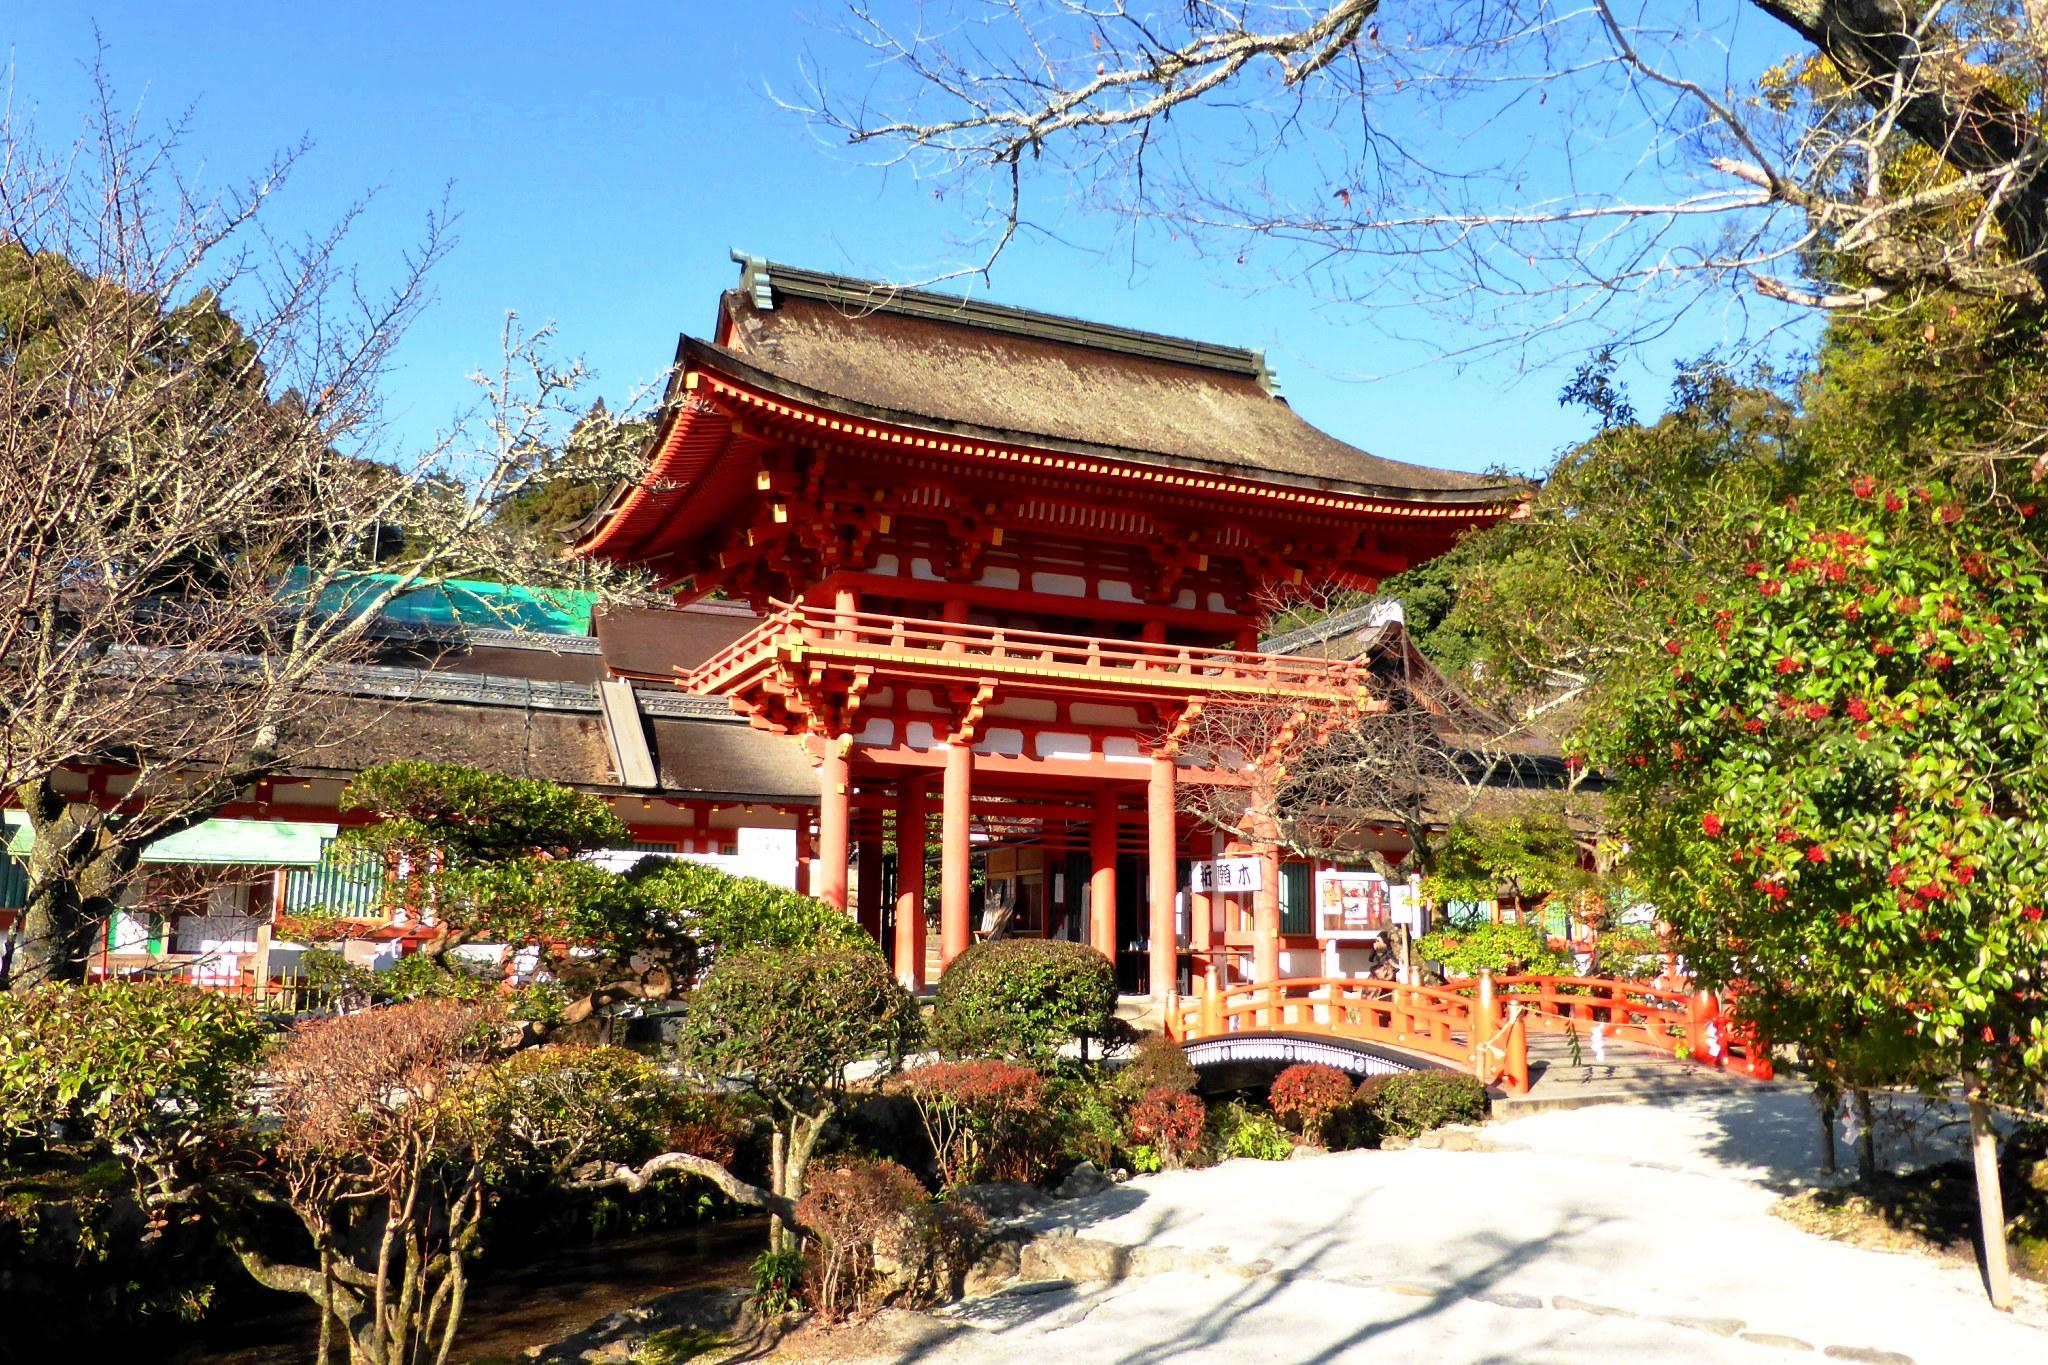 京都市北区にある上賀茂神社の楼門